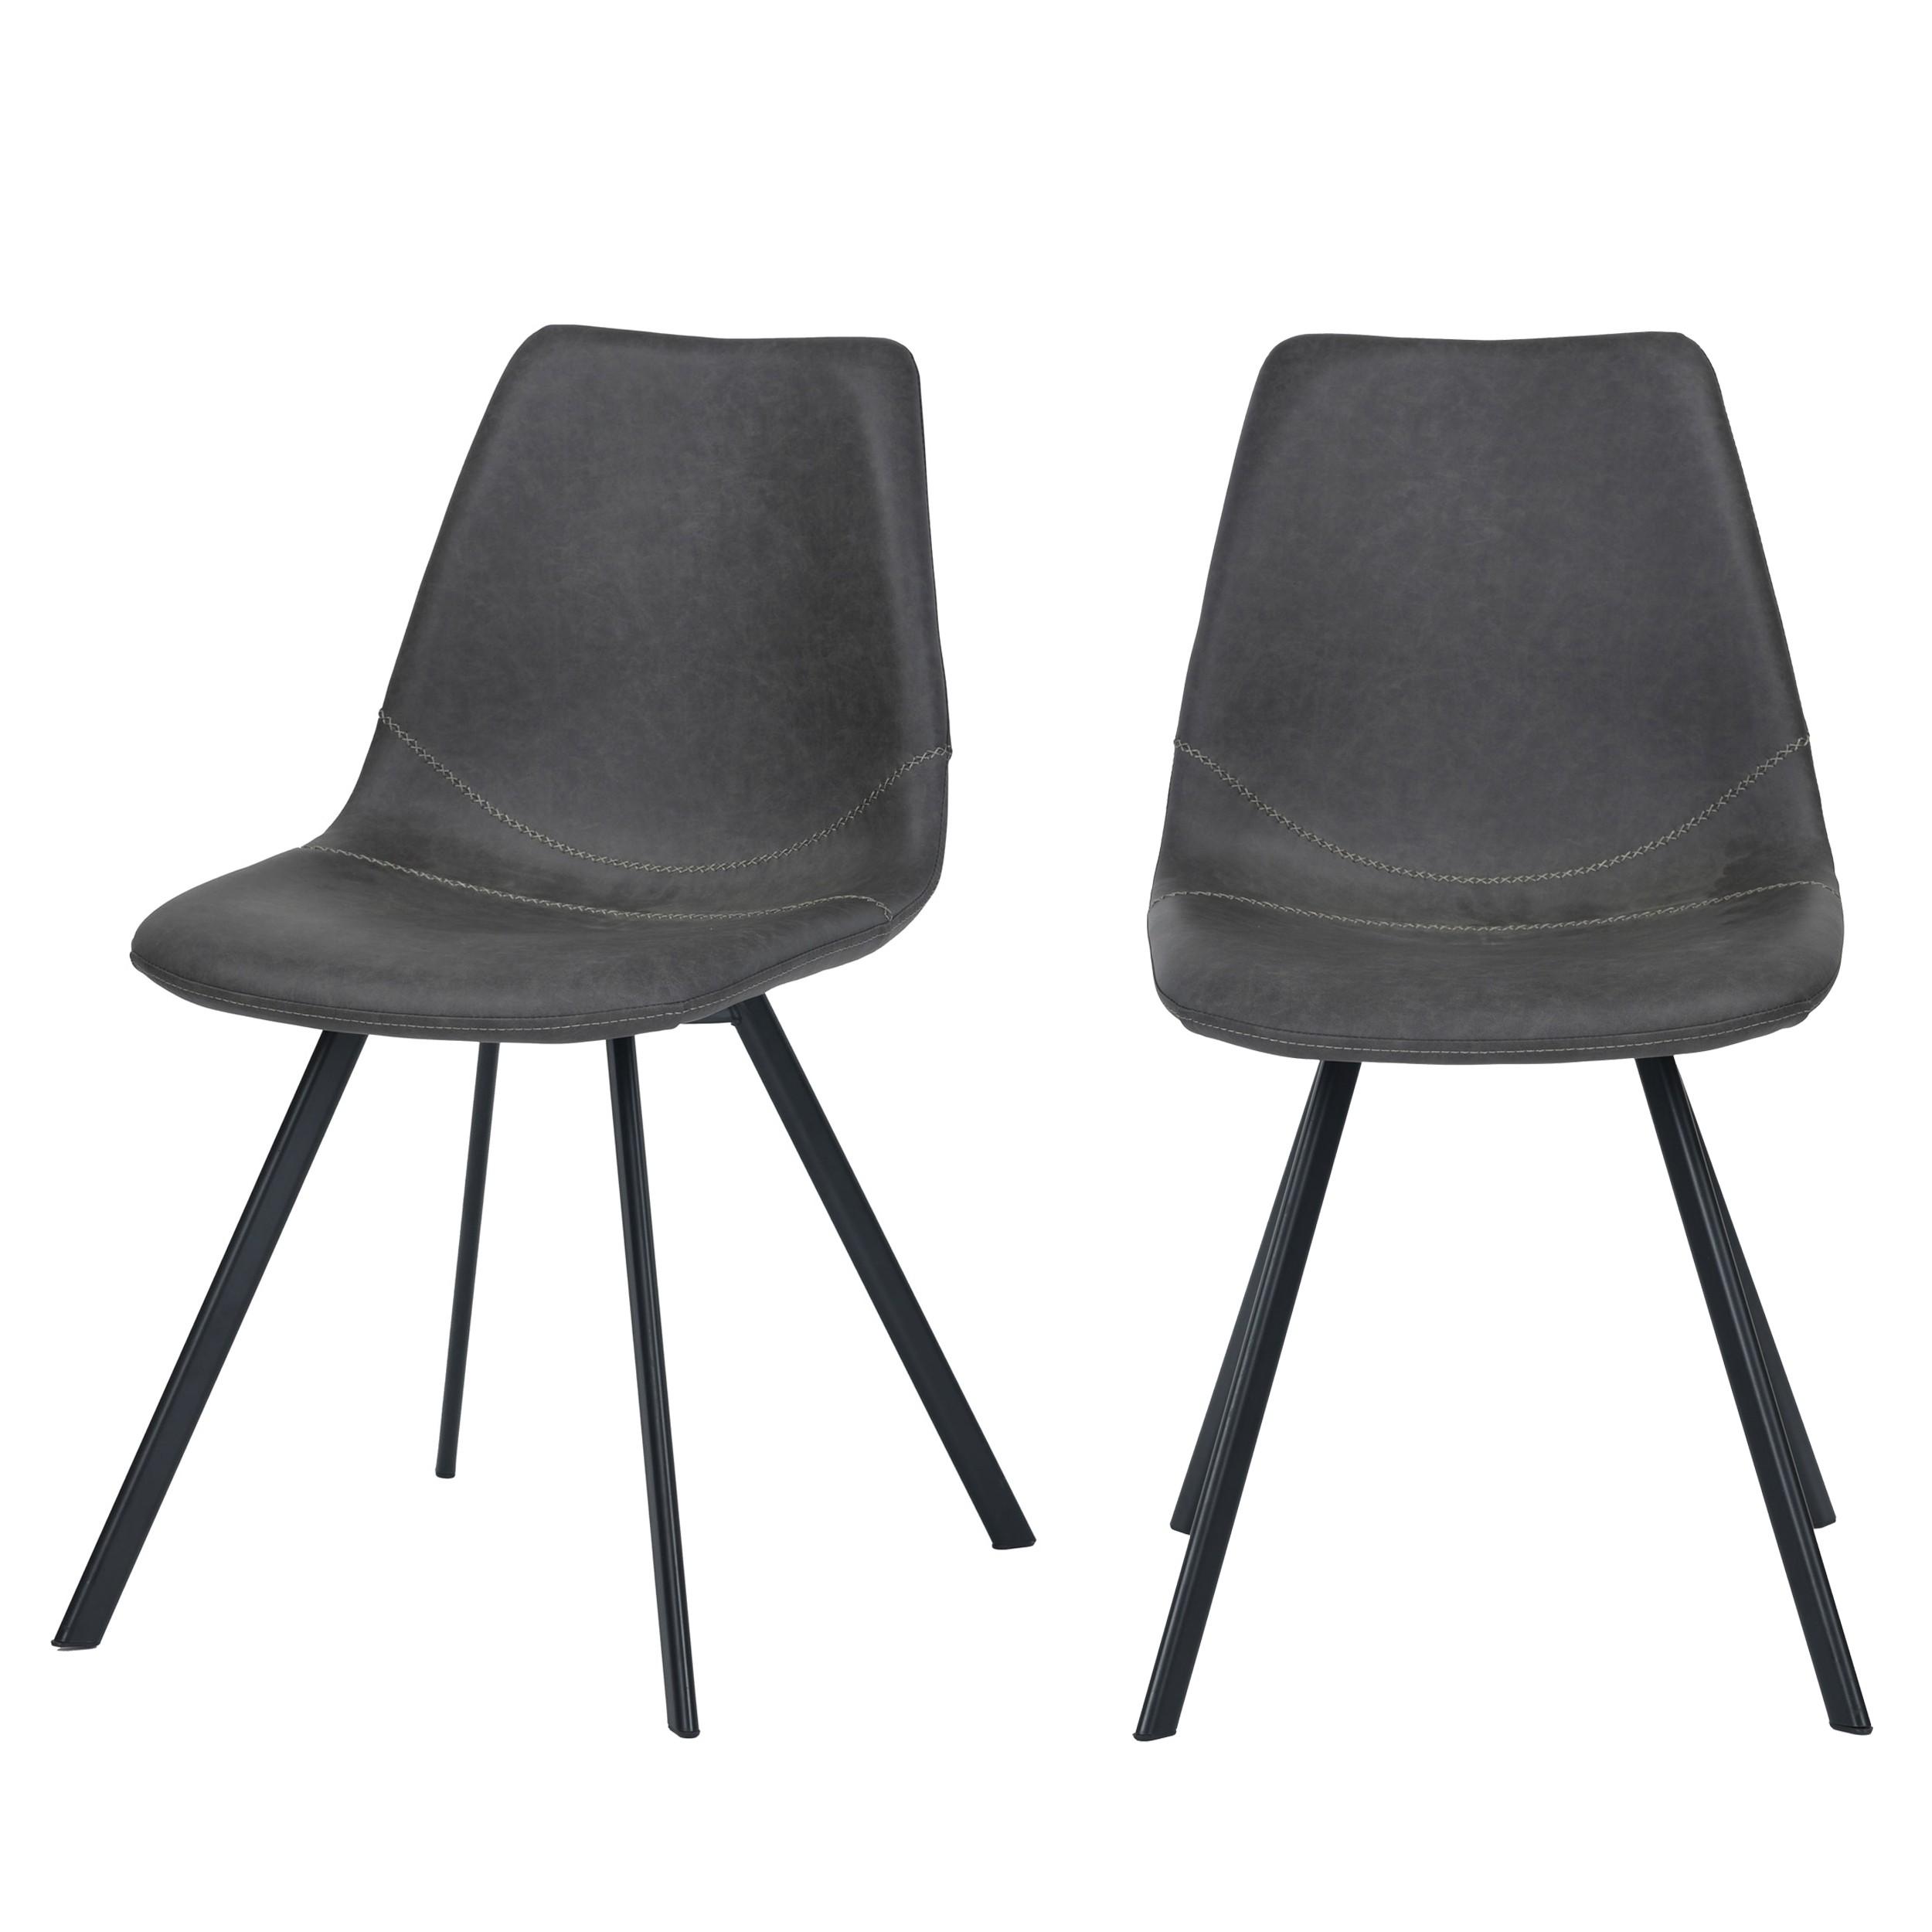 acheter chaise vintage grise lot de 2